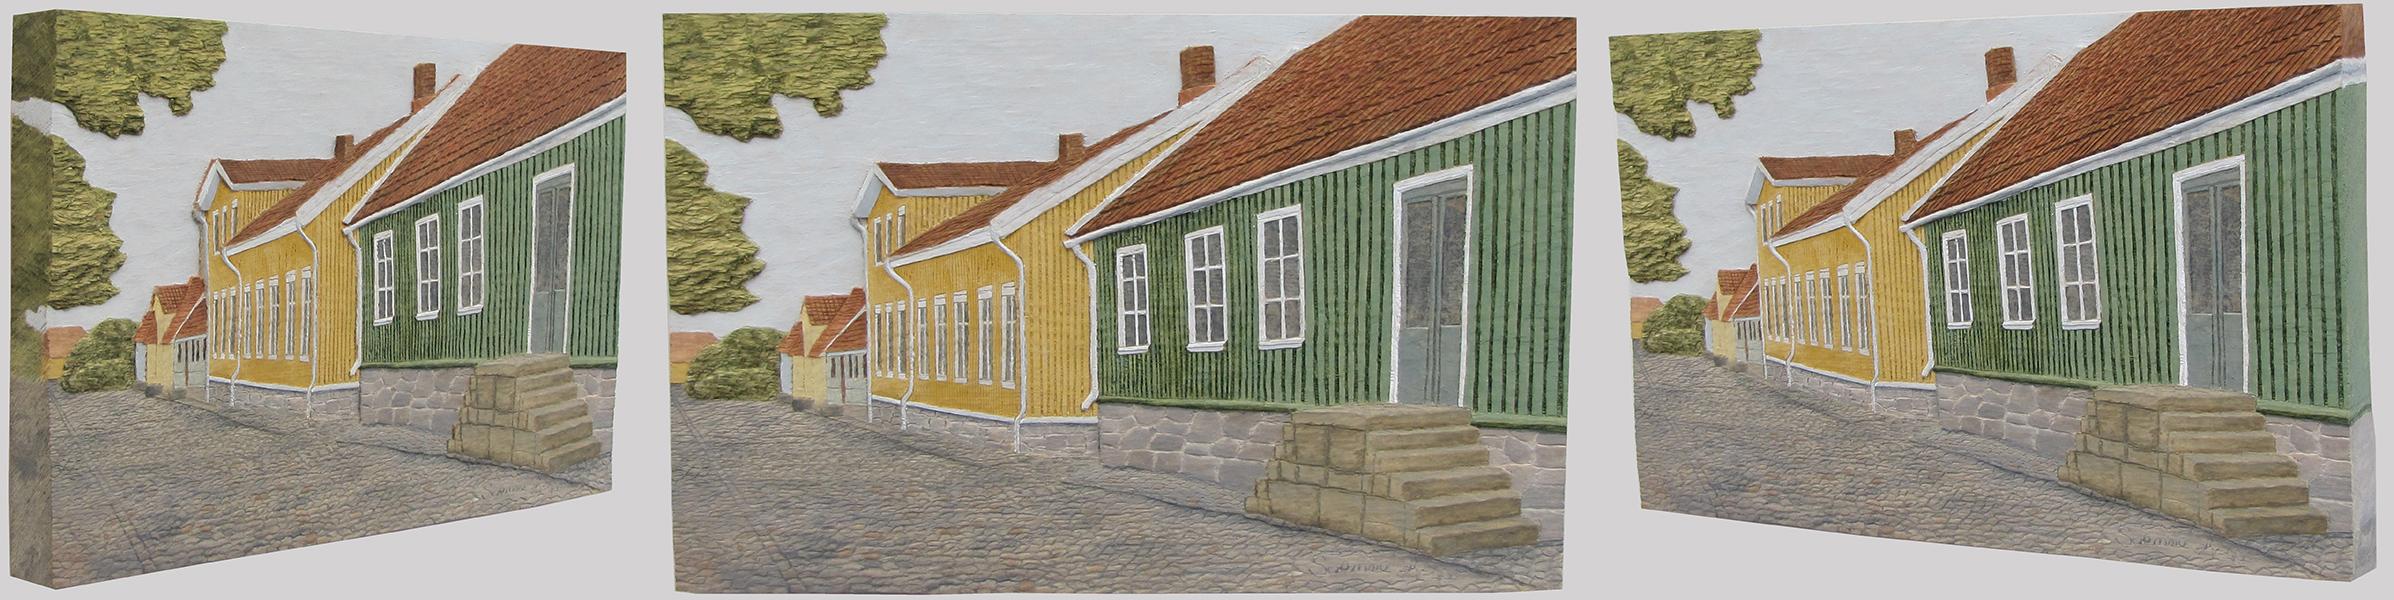 Gamla stan, Falkenberg 1, från olika vinklar